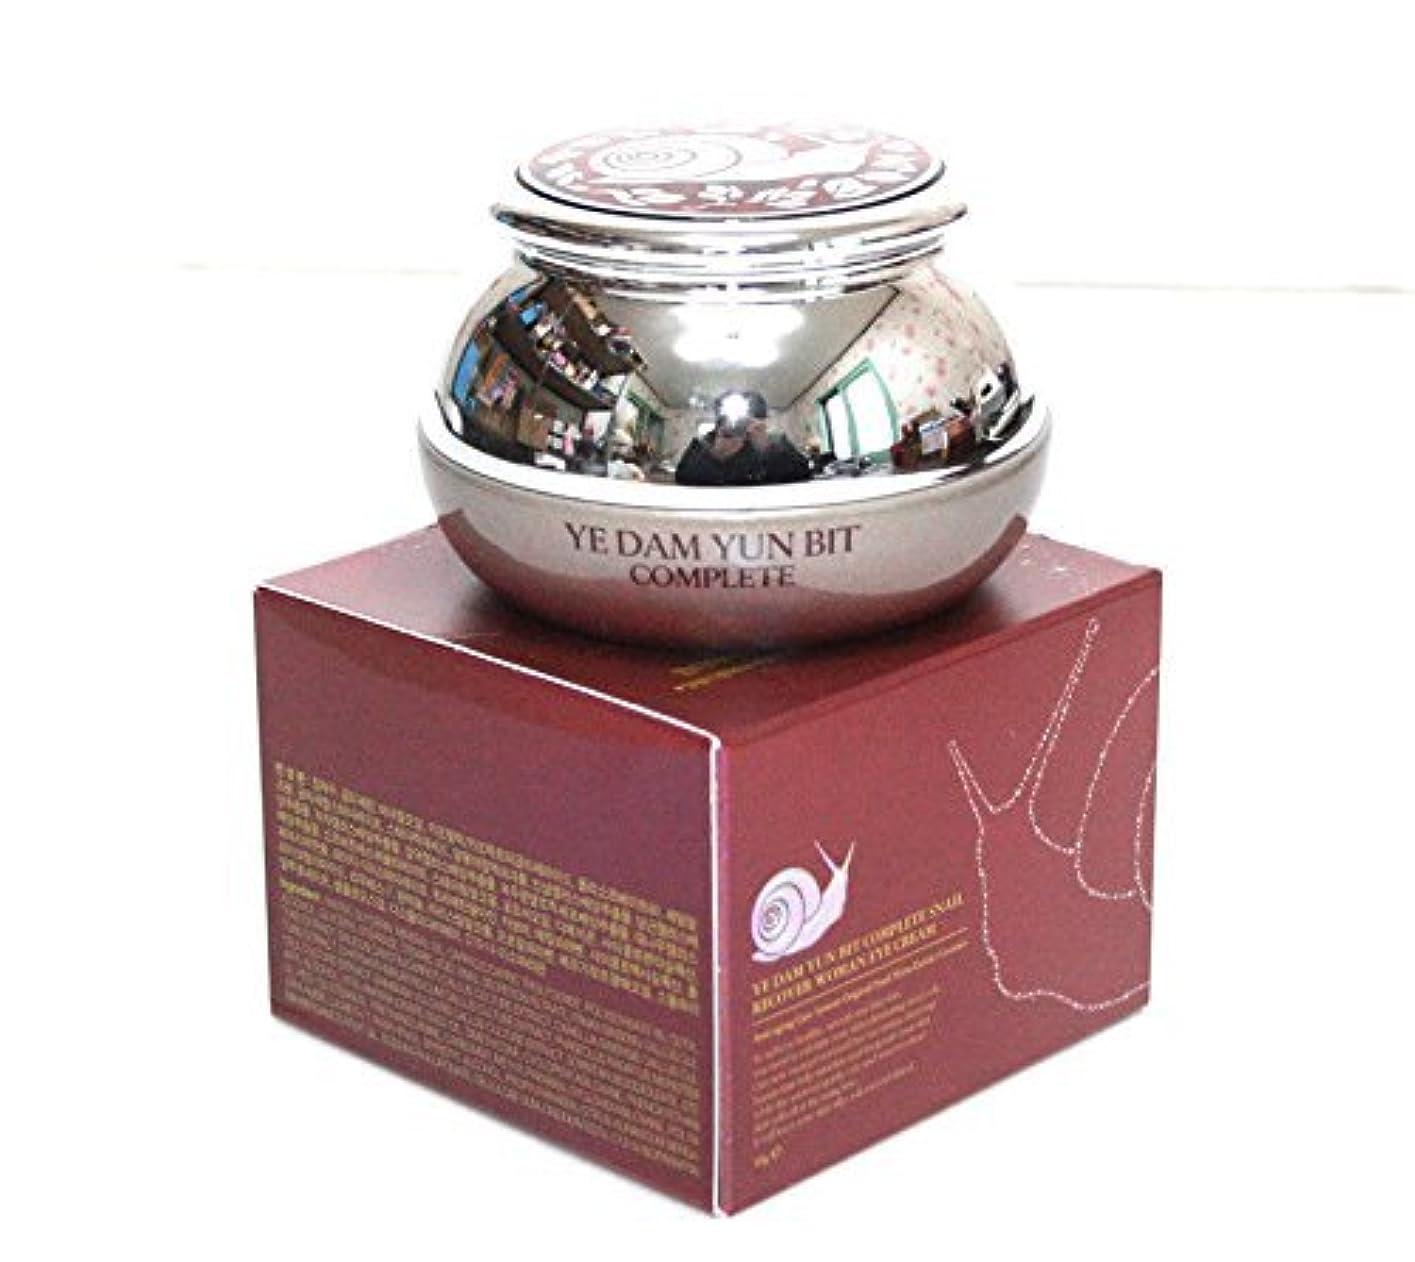 俳優確立ワイン[YEDAM YUN BIT] スキンが完成カタツムリ回復女性のアイクリーム50ml/韓国の化粧品/COMPLETE Skin Snail Recover Woman Eye Cream 50ml/Korean cosmetics...